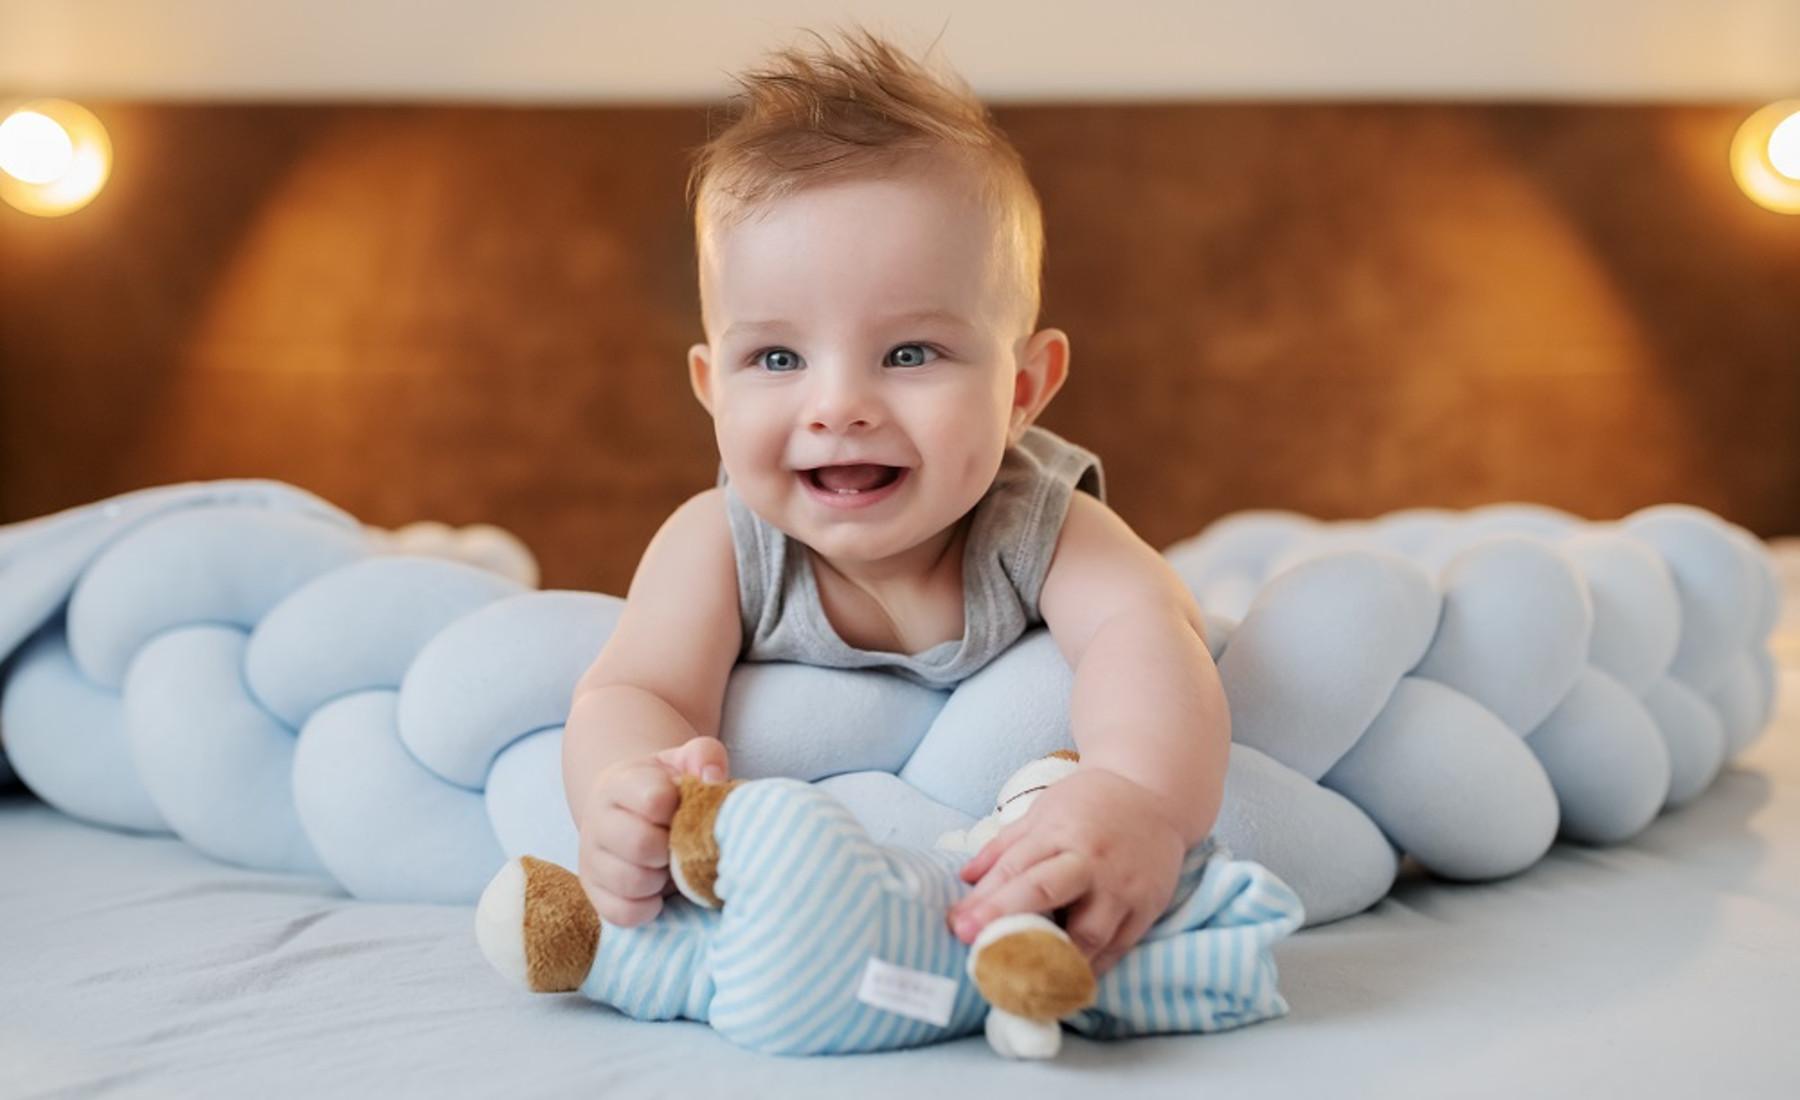 כיצד צעצועי התפתחות תורמים לילדינו?